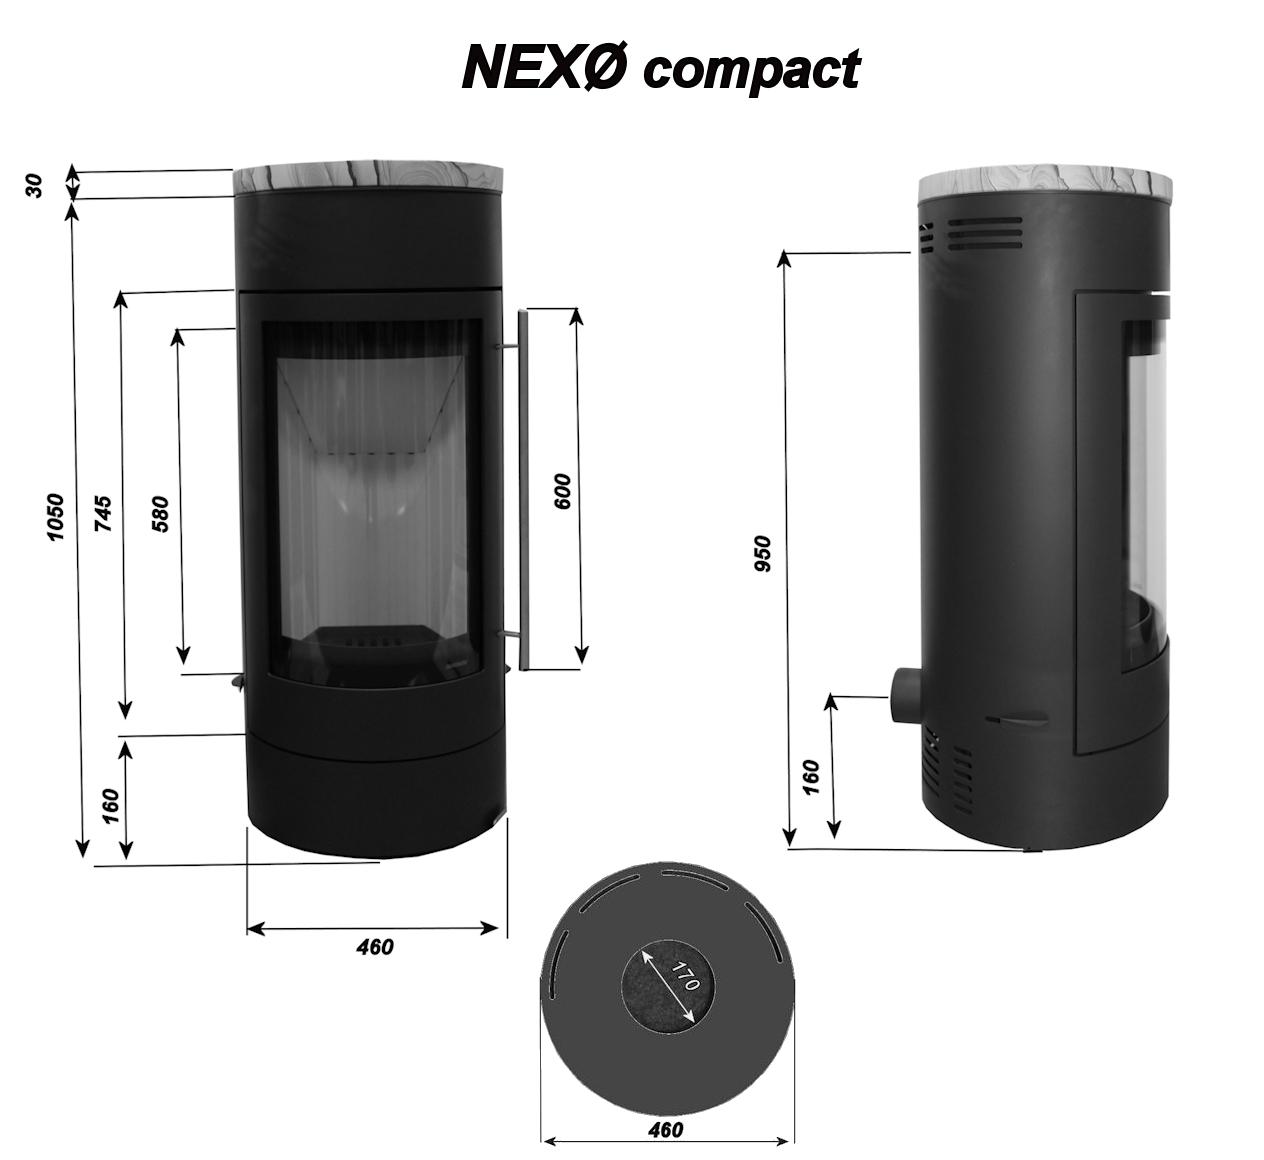 Masszeichnung_NEXO_compact